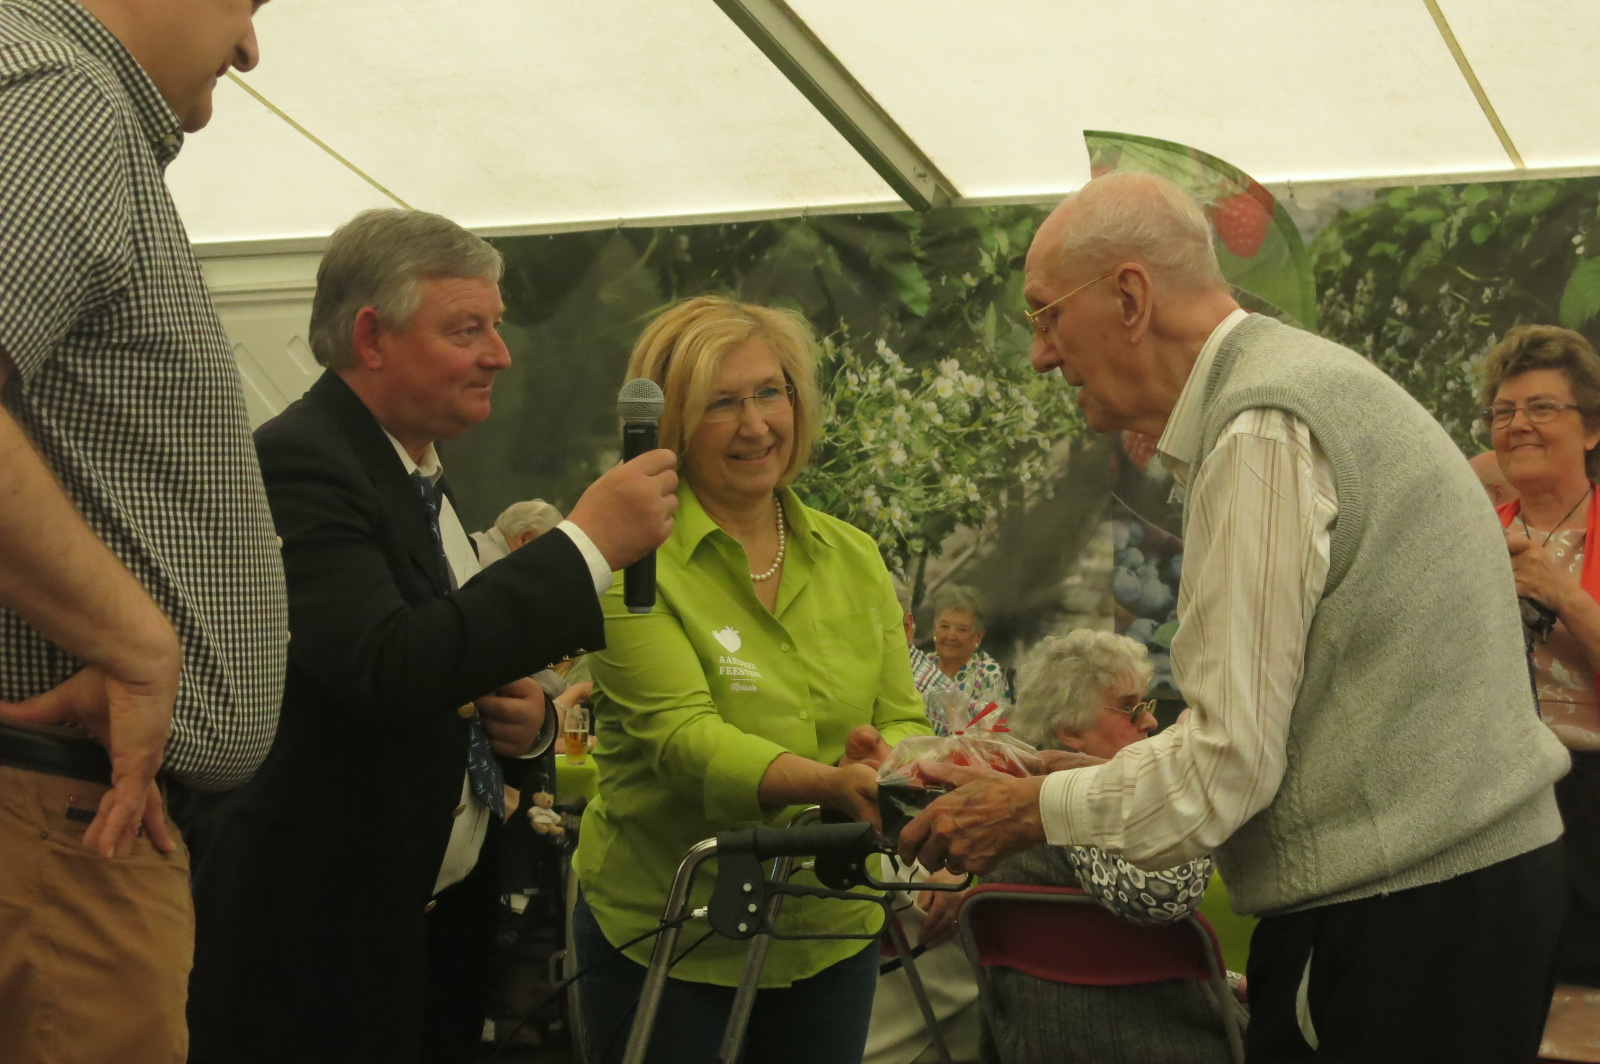 Seniorennamiddag : voorzitter Luc Van Hese huldigt Jozef Van Haerlem, bestuurslid Aardbeifeesten vroege jaren